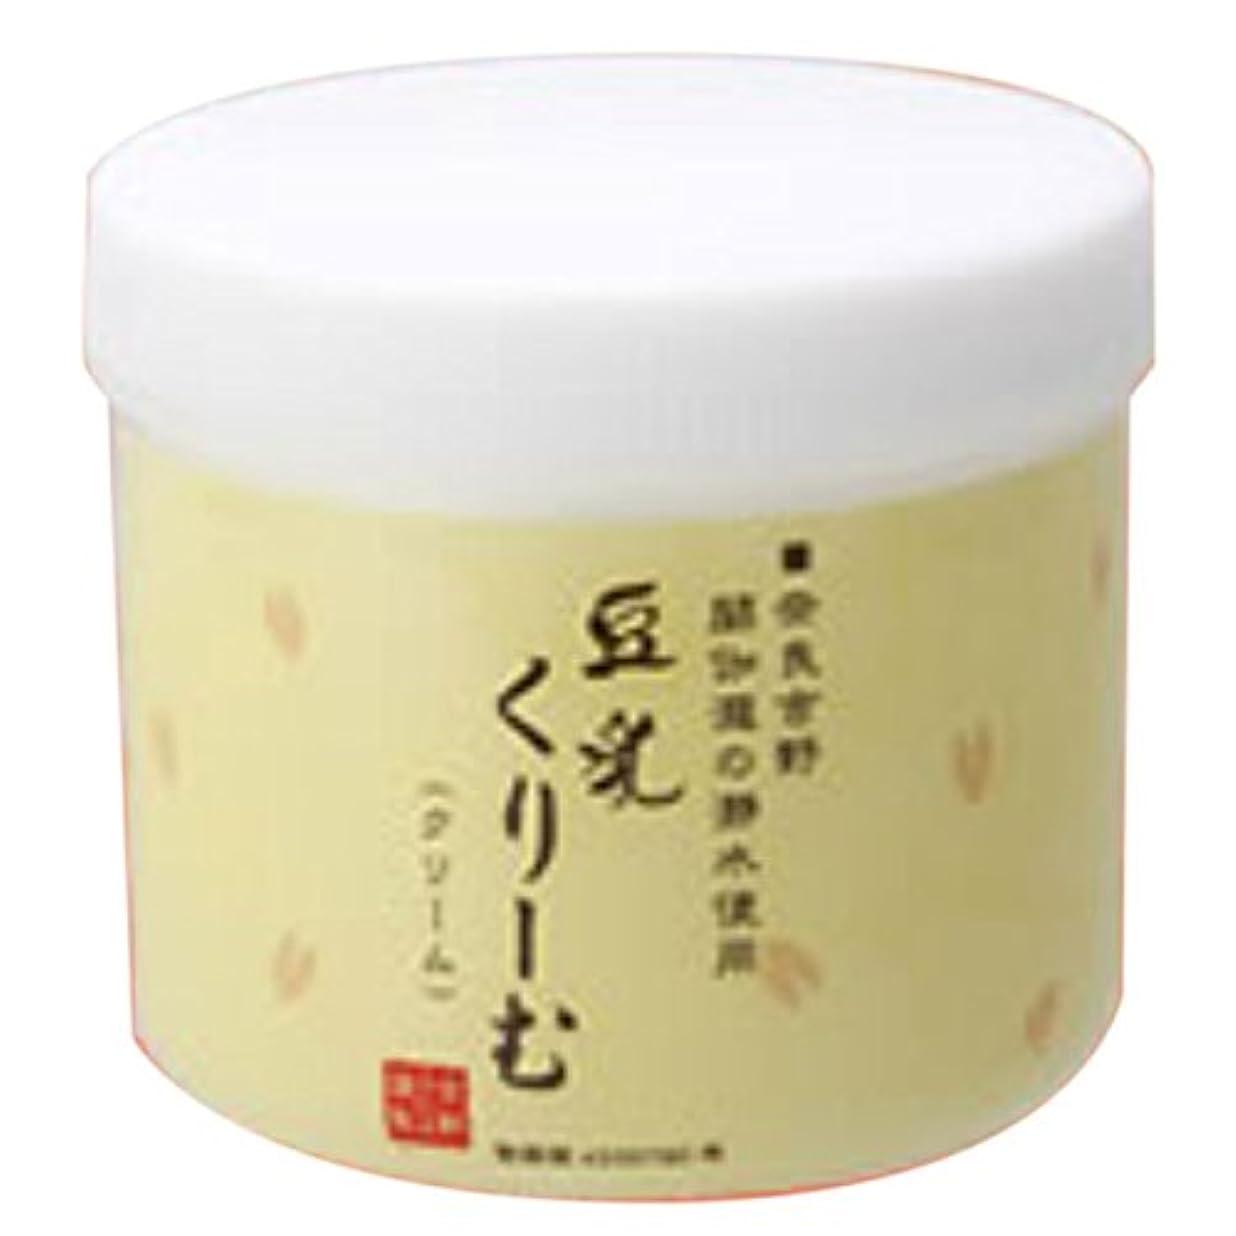 バラ色国籍メイド吉野ふじや謹製 とうにゅうくりーむ (豆乳美容クリーム) 3個セット